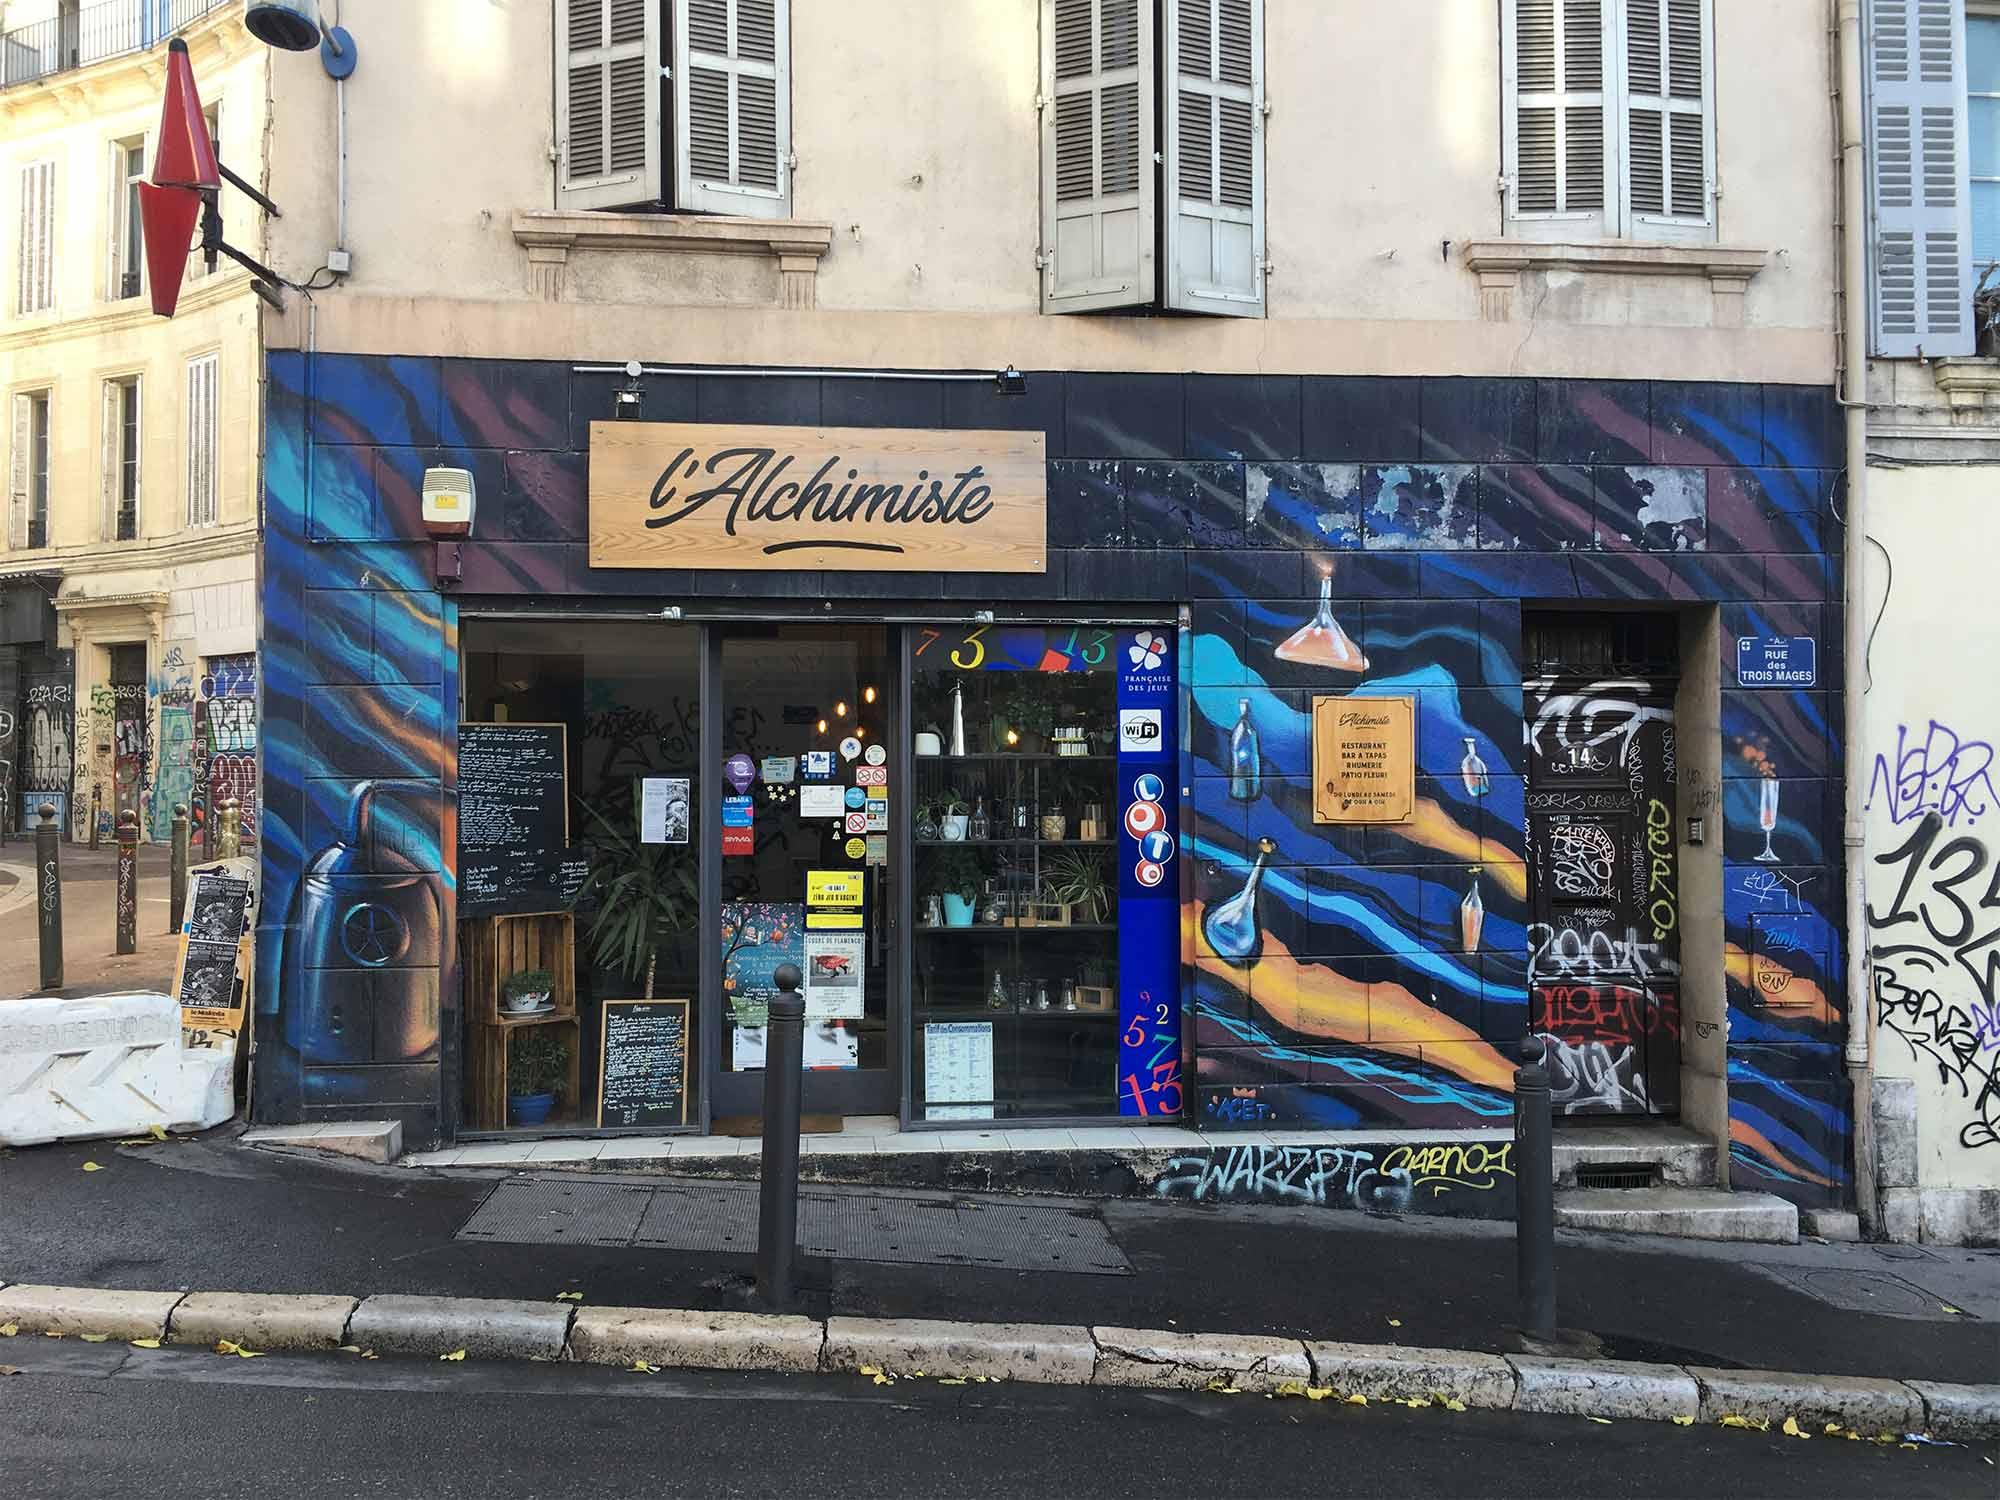 L'alchimiste, bar tabac et restaurant de la rue des Trois Mages, tout proche de la plaine.